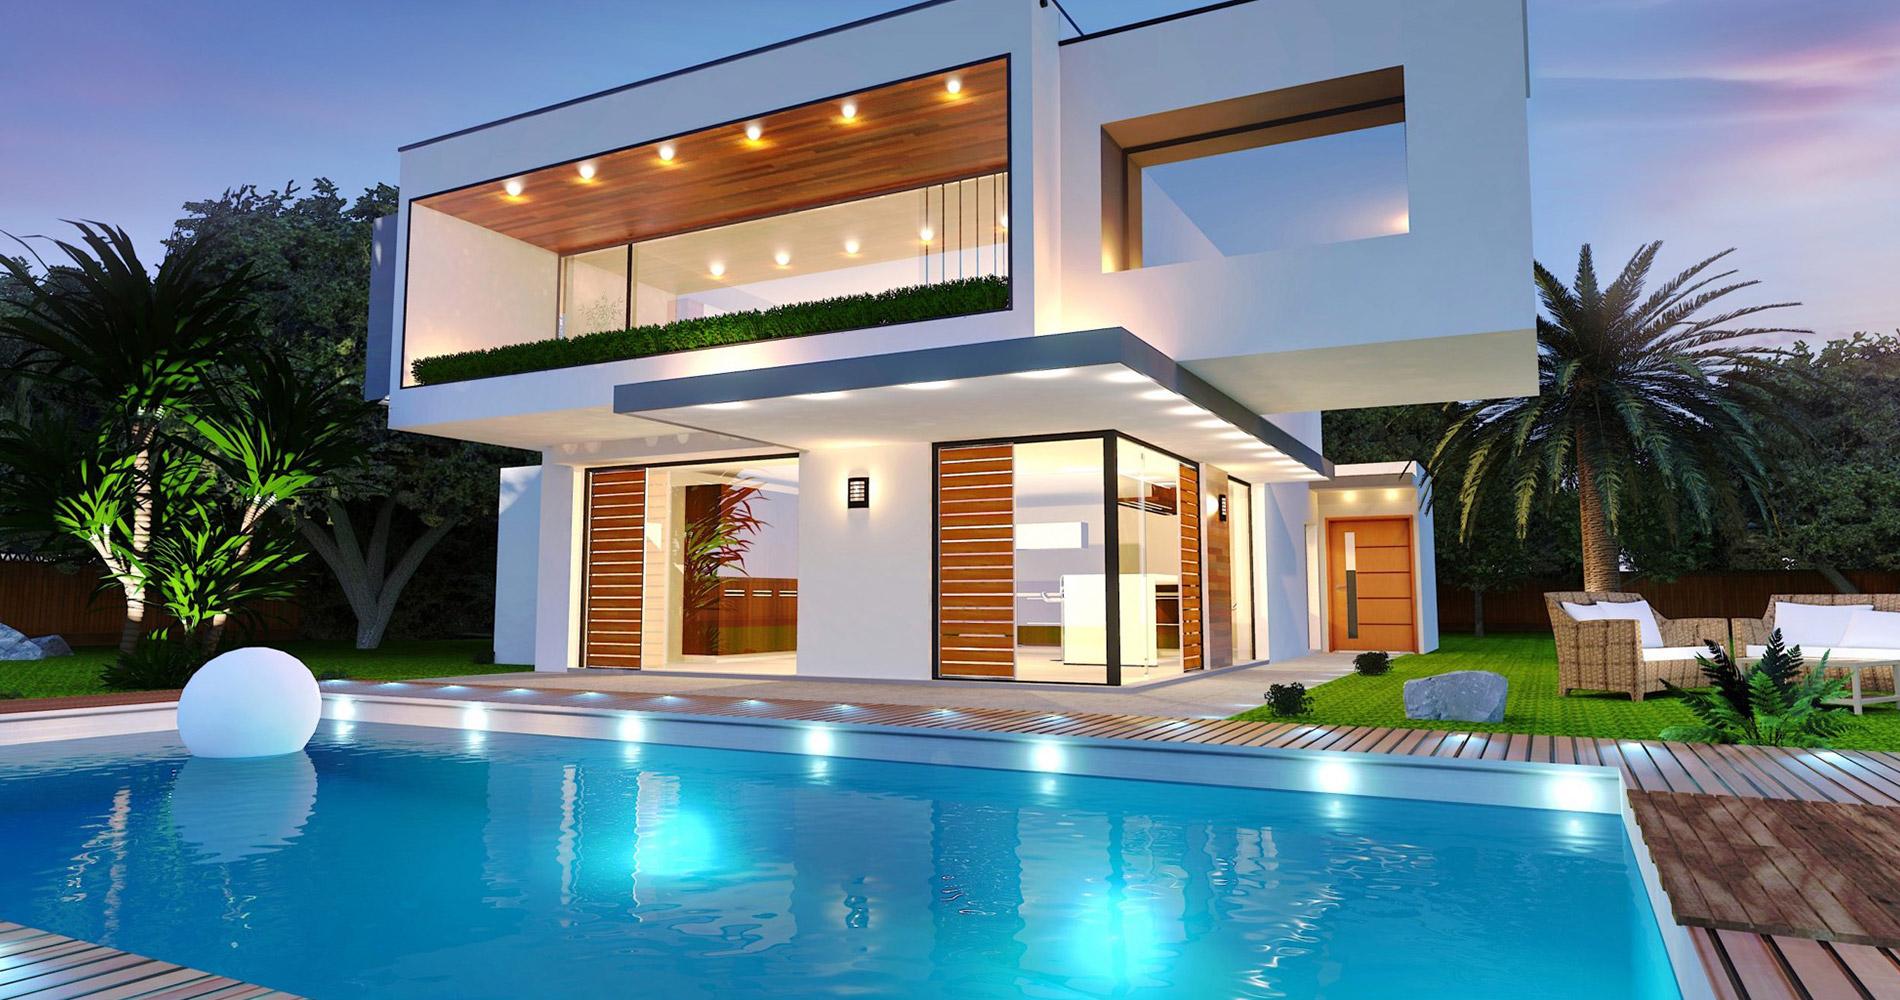 proyectos-inteligentes-smart-home-ejemplos